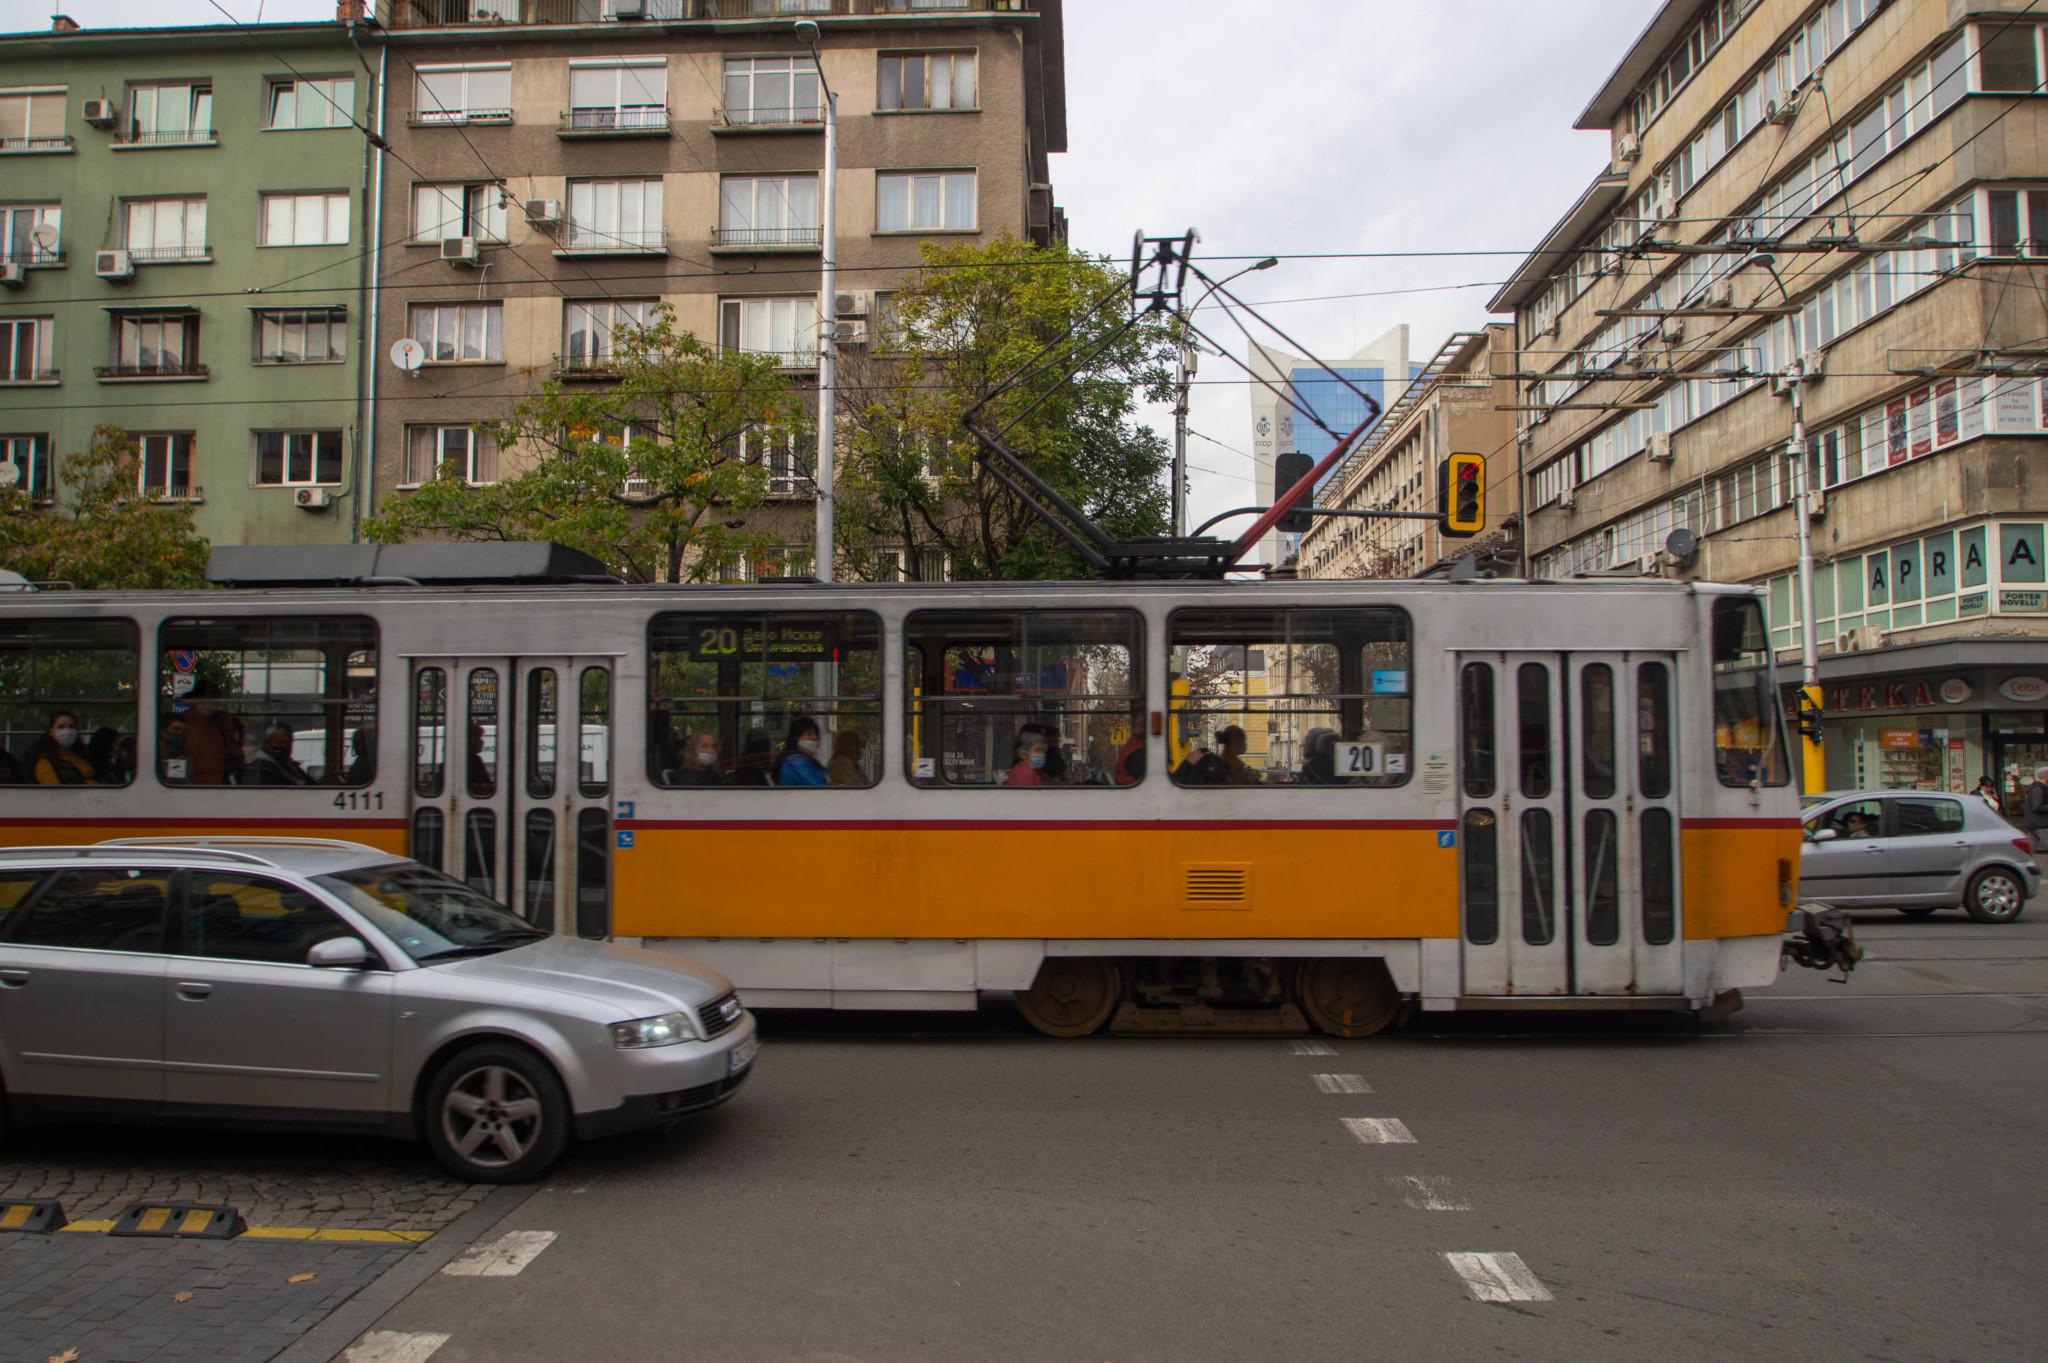 Alte Straßenbahn in Sofia in Bulgarien